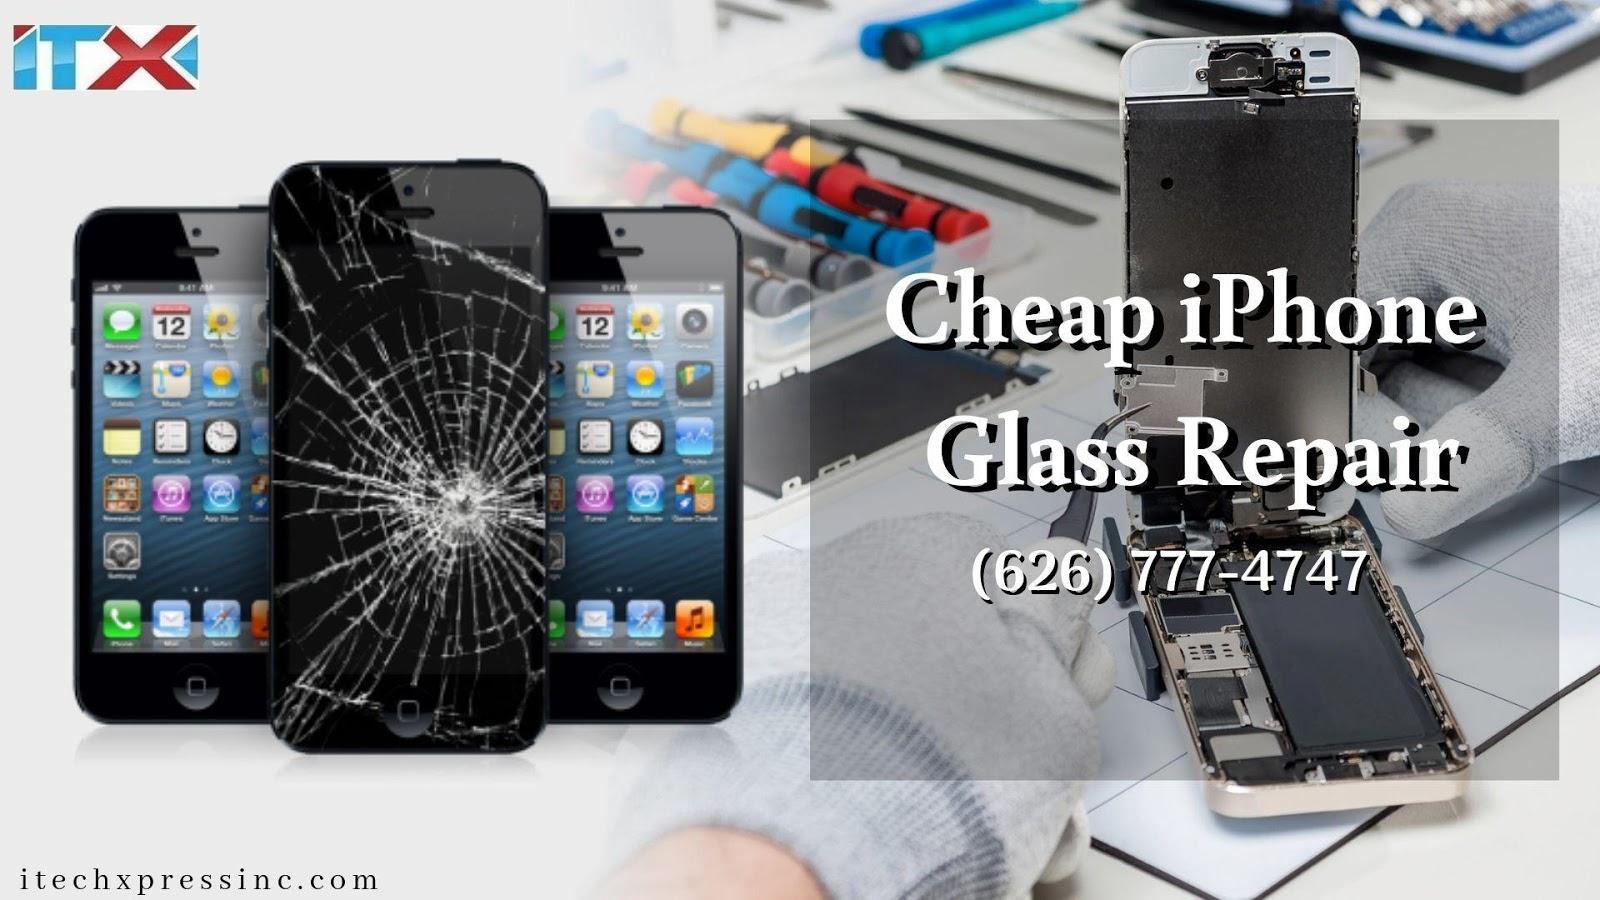 Cheap iPhone Glass Repair